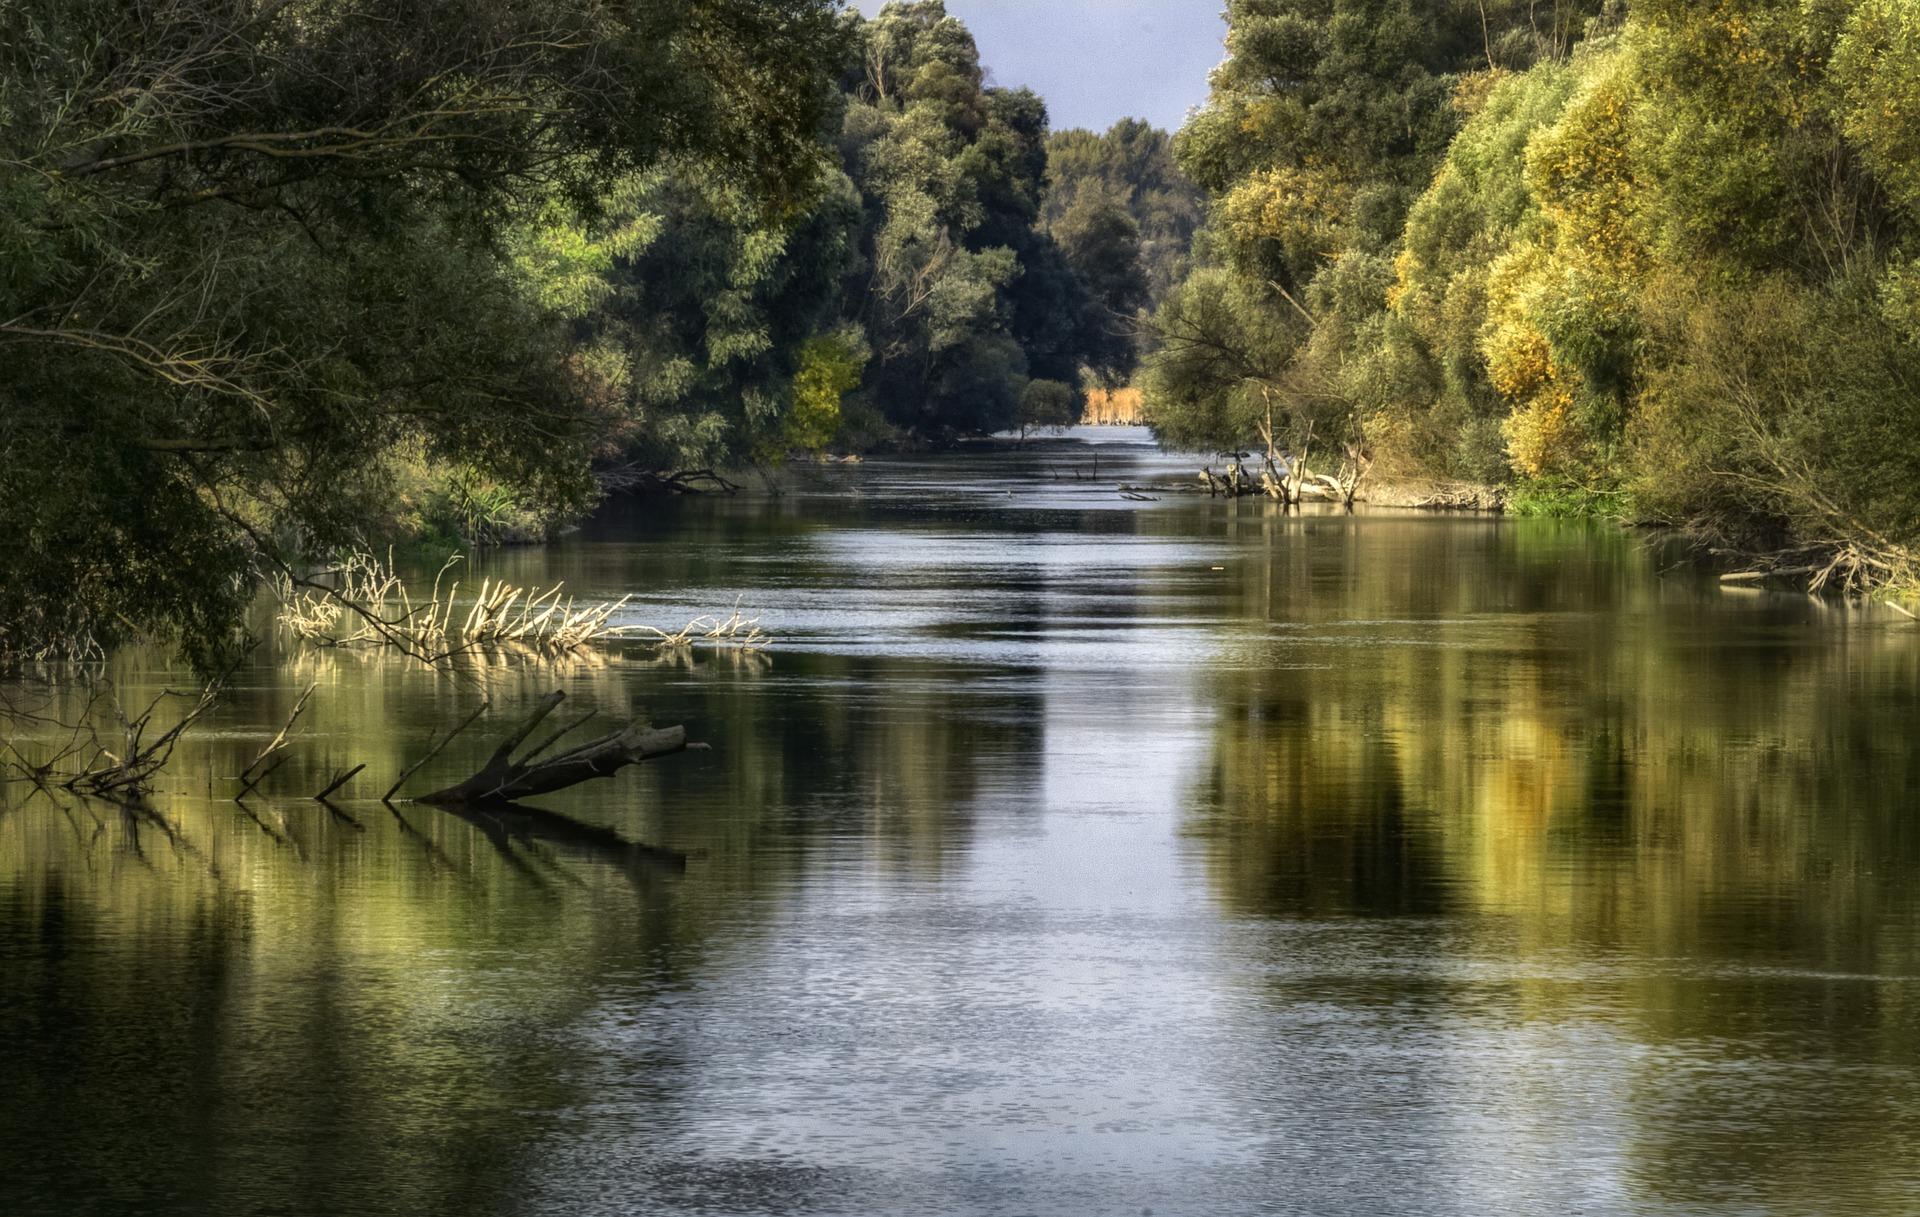 le chant de l'univers - rivière et tronc d'arbre